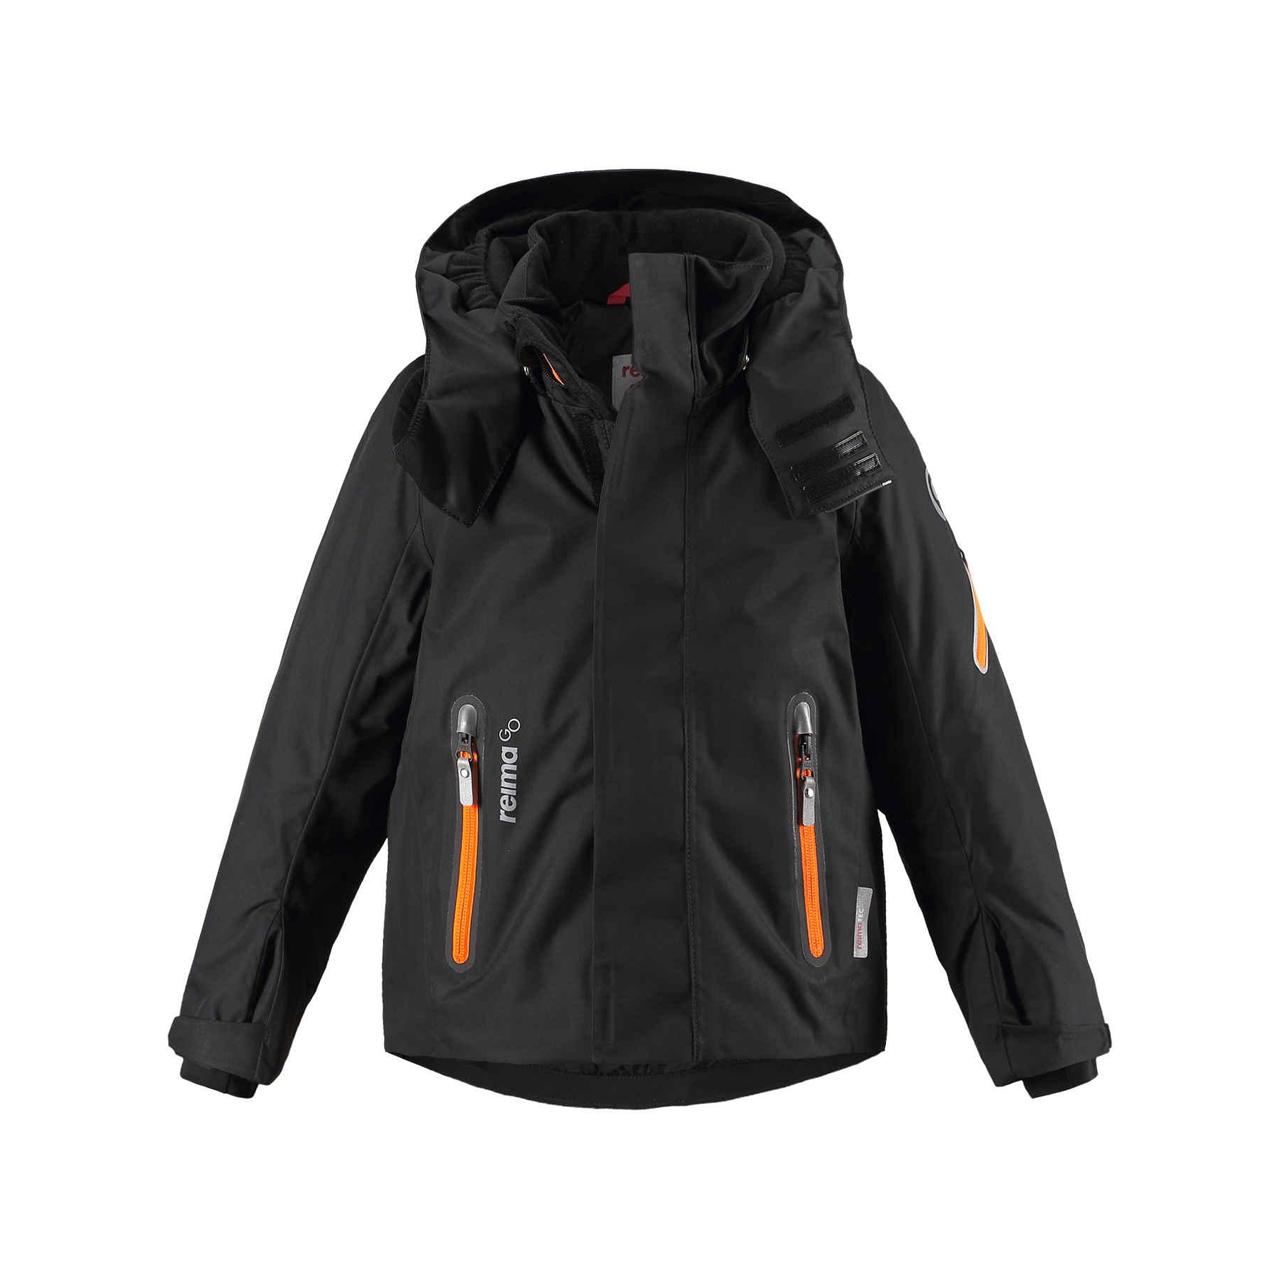 57134b9cff Reima Tec Kid s Winter Regor Jacket- Black